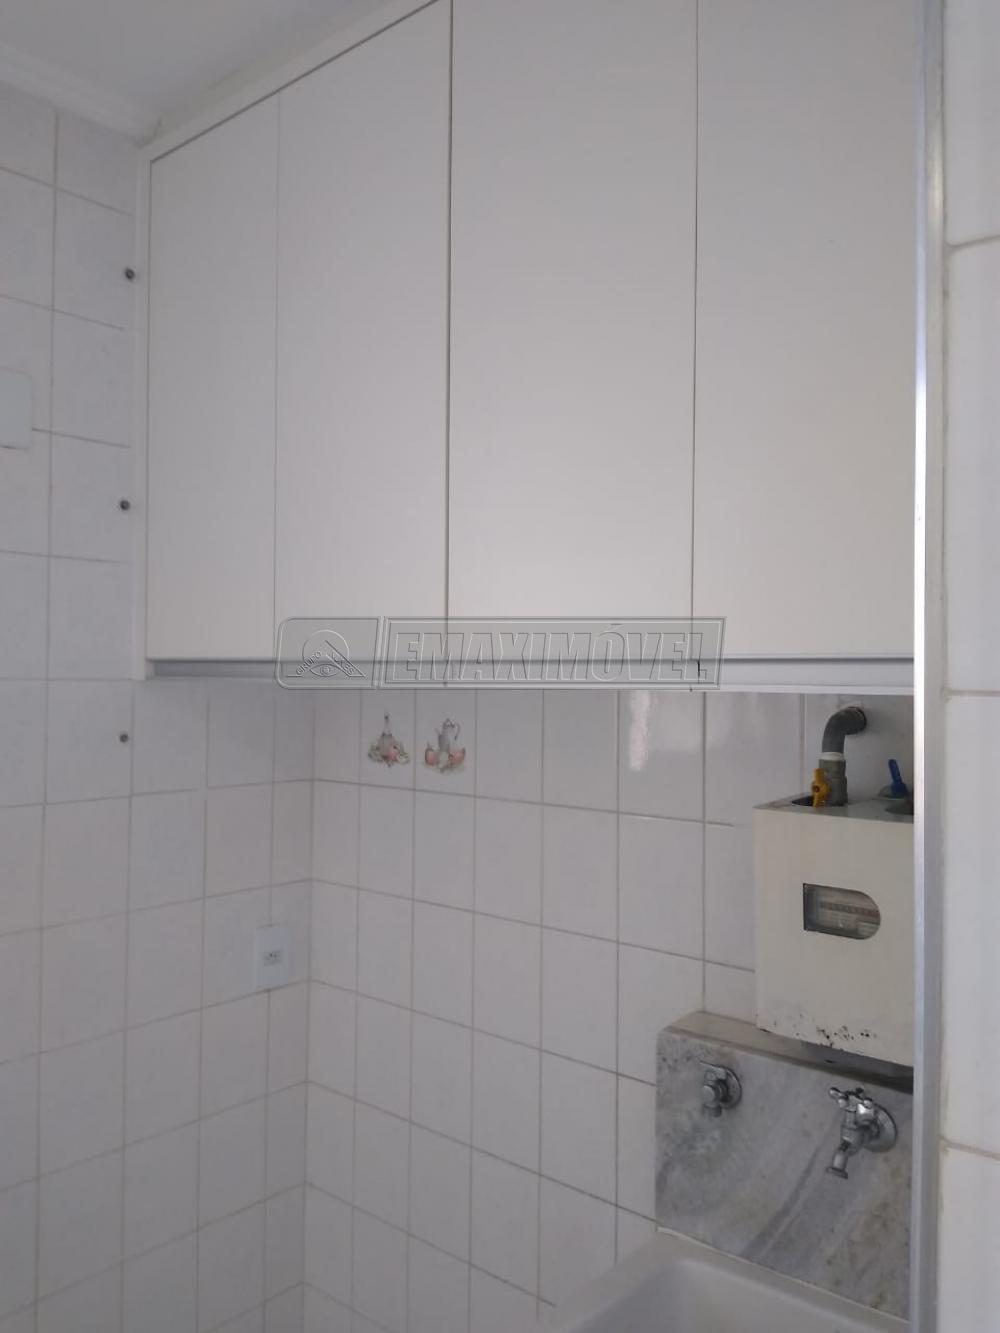 Comprar Apartamento / Padrão em Sorocaba R$ 1.166.000,00 - Foto 35